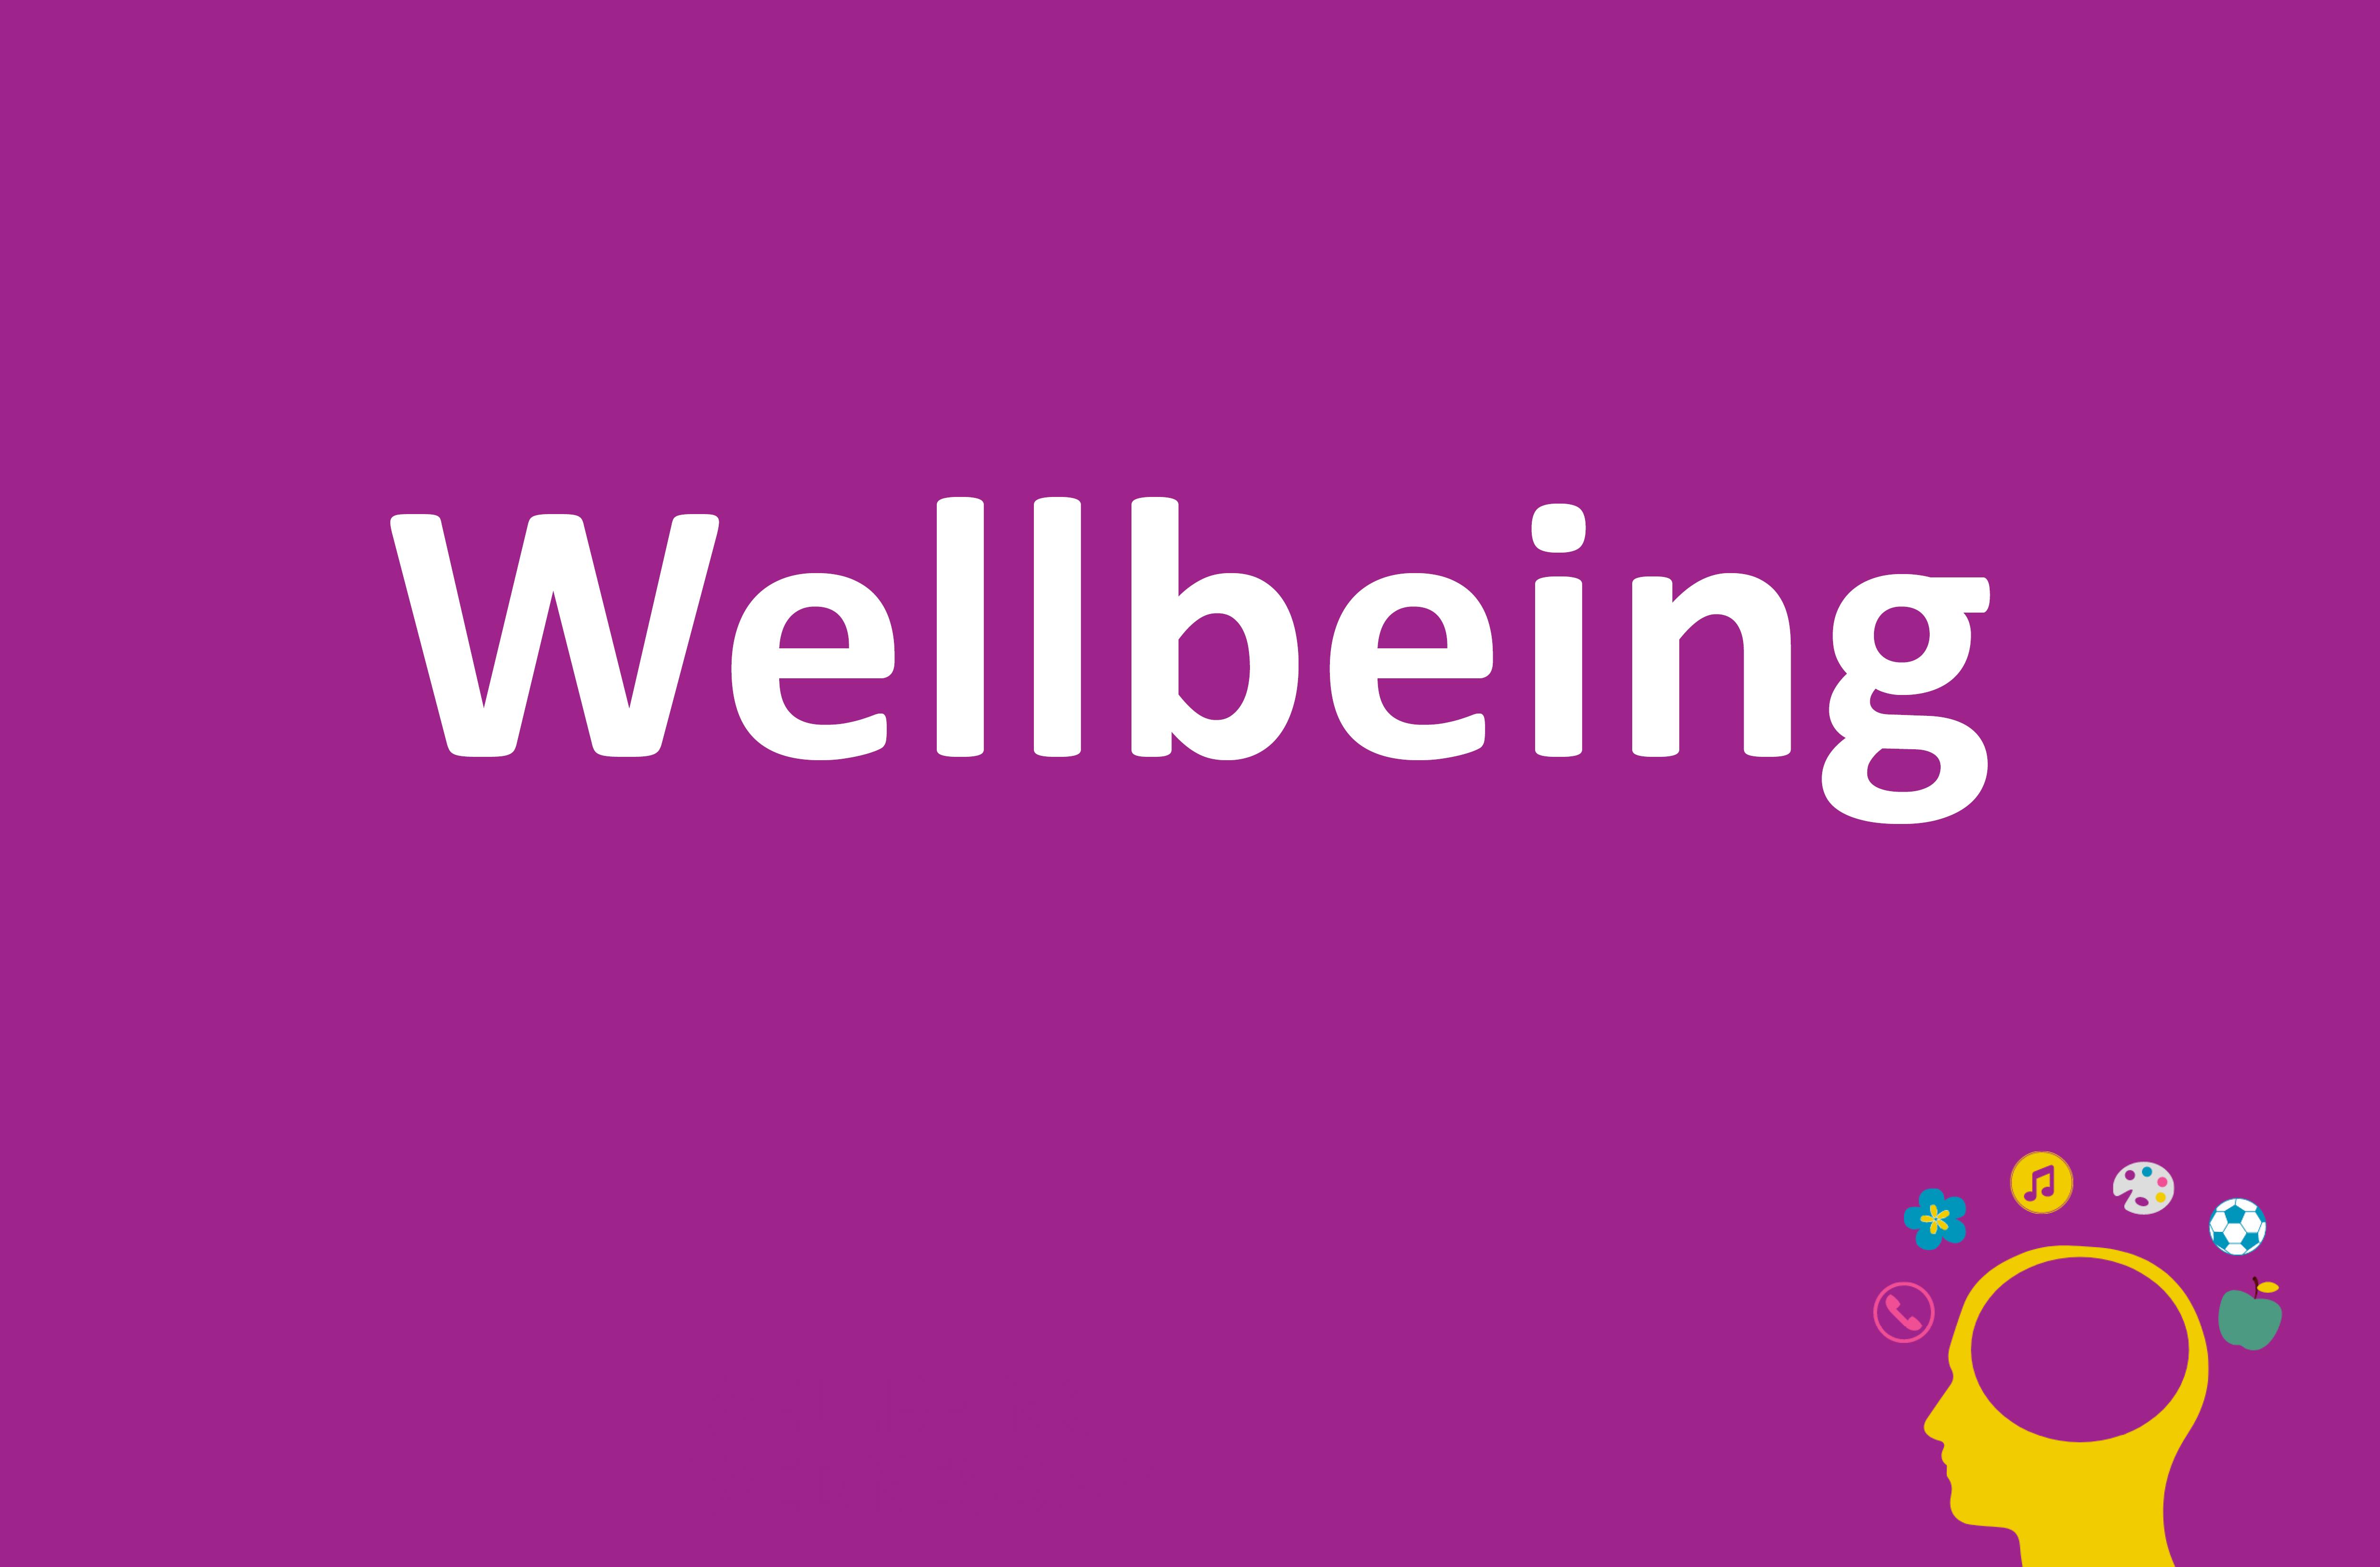 wellbeing videos button